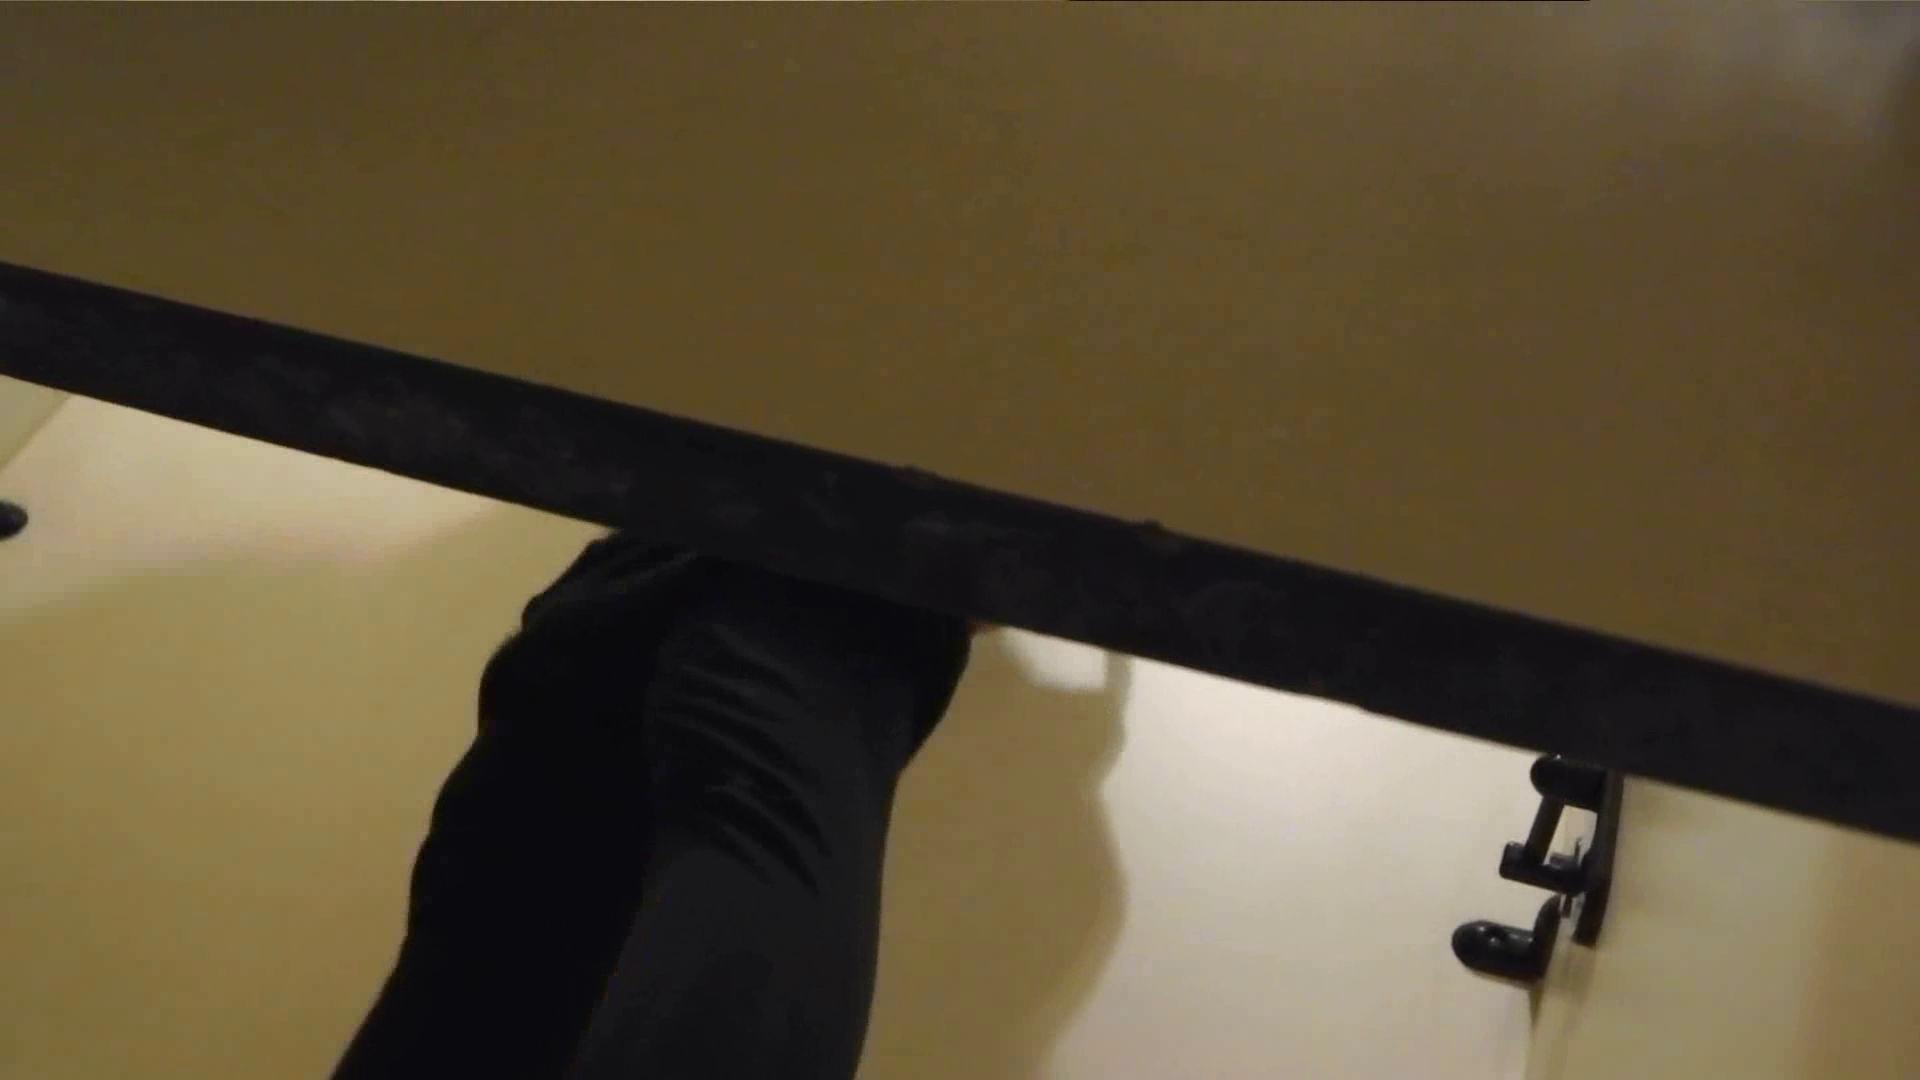 世界の射窓から vol.41 ぼうしタンのアソコ OL女体 | 洗面所  69連発 35